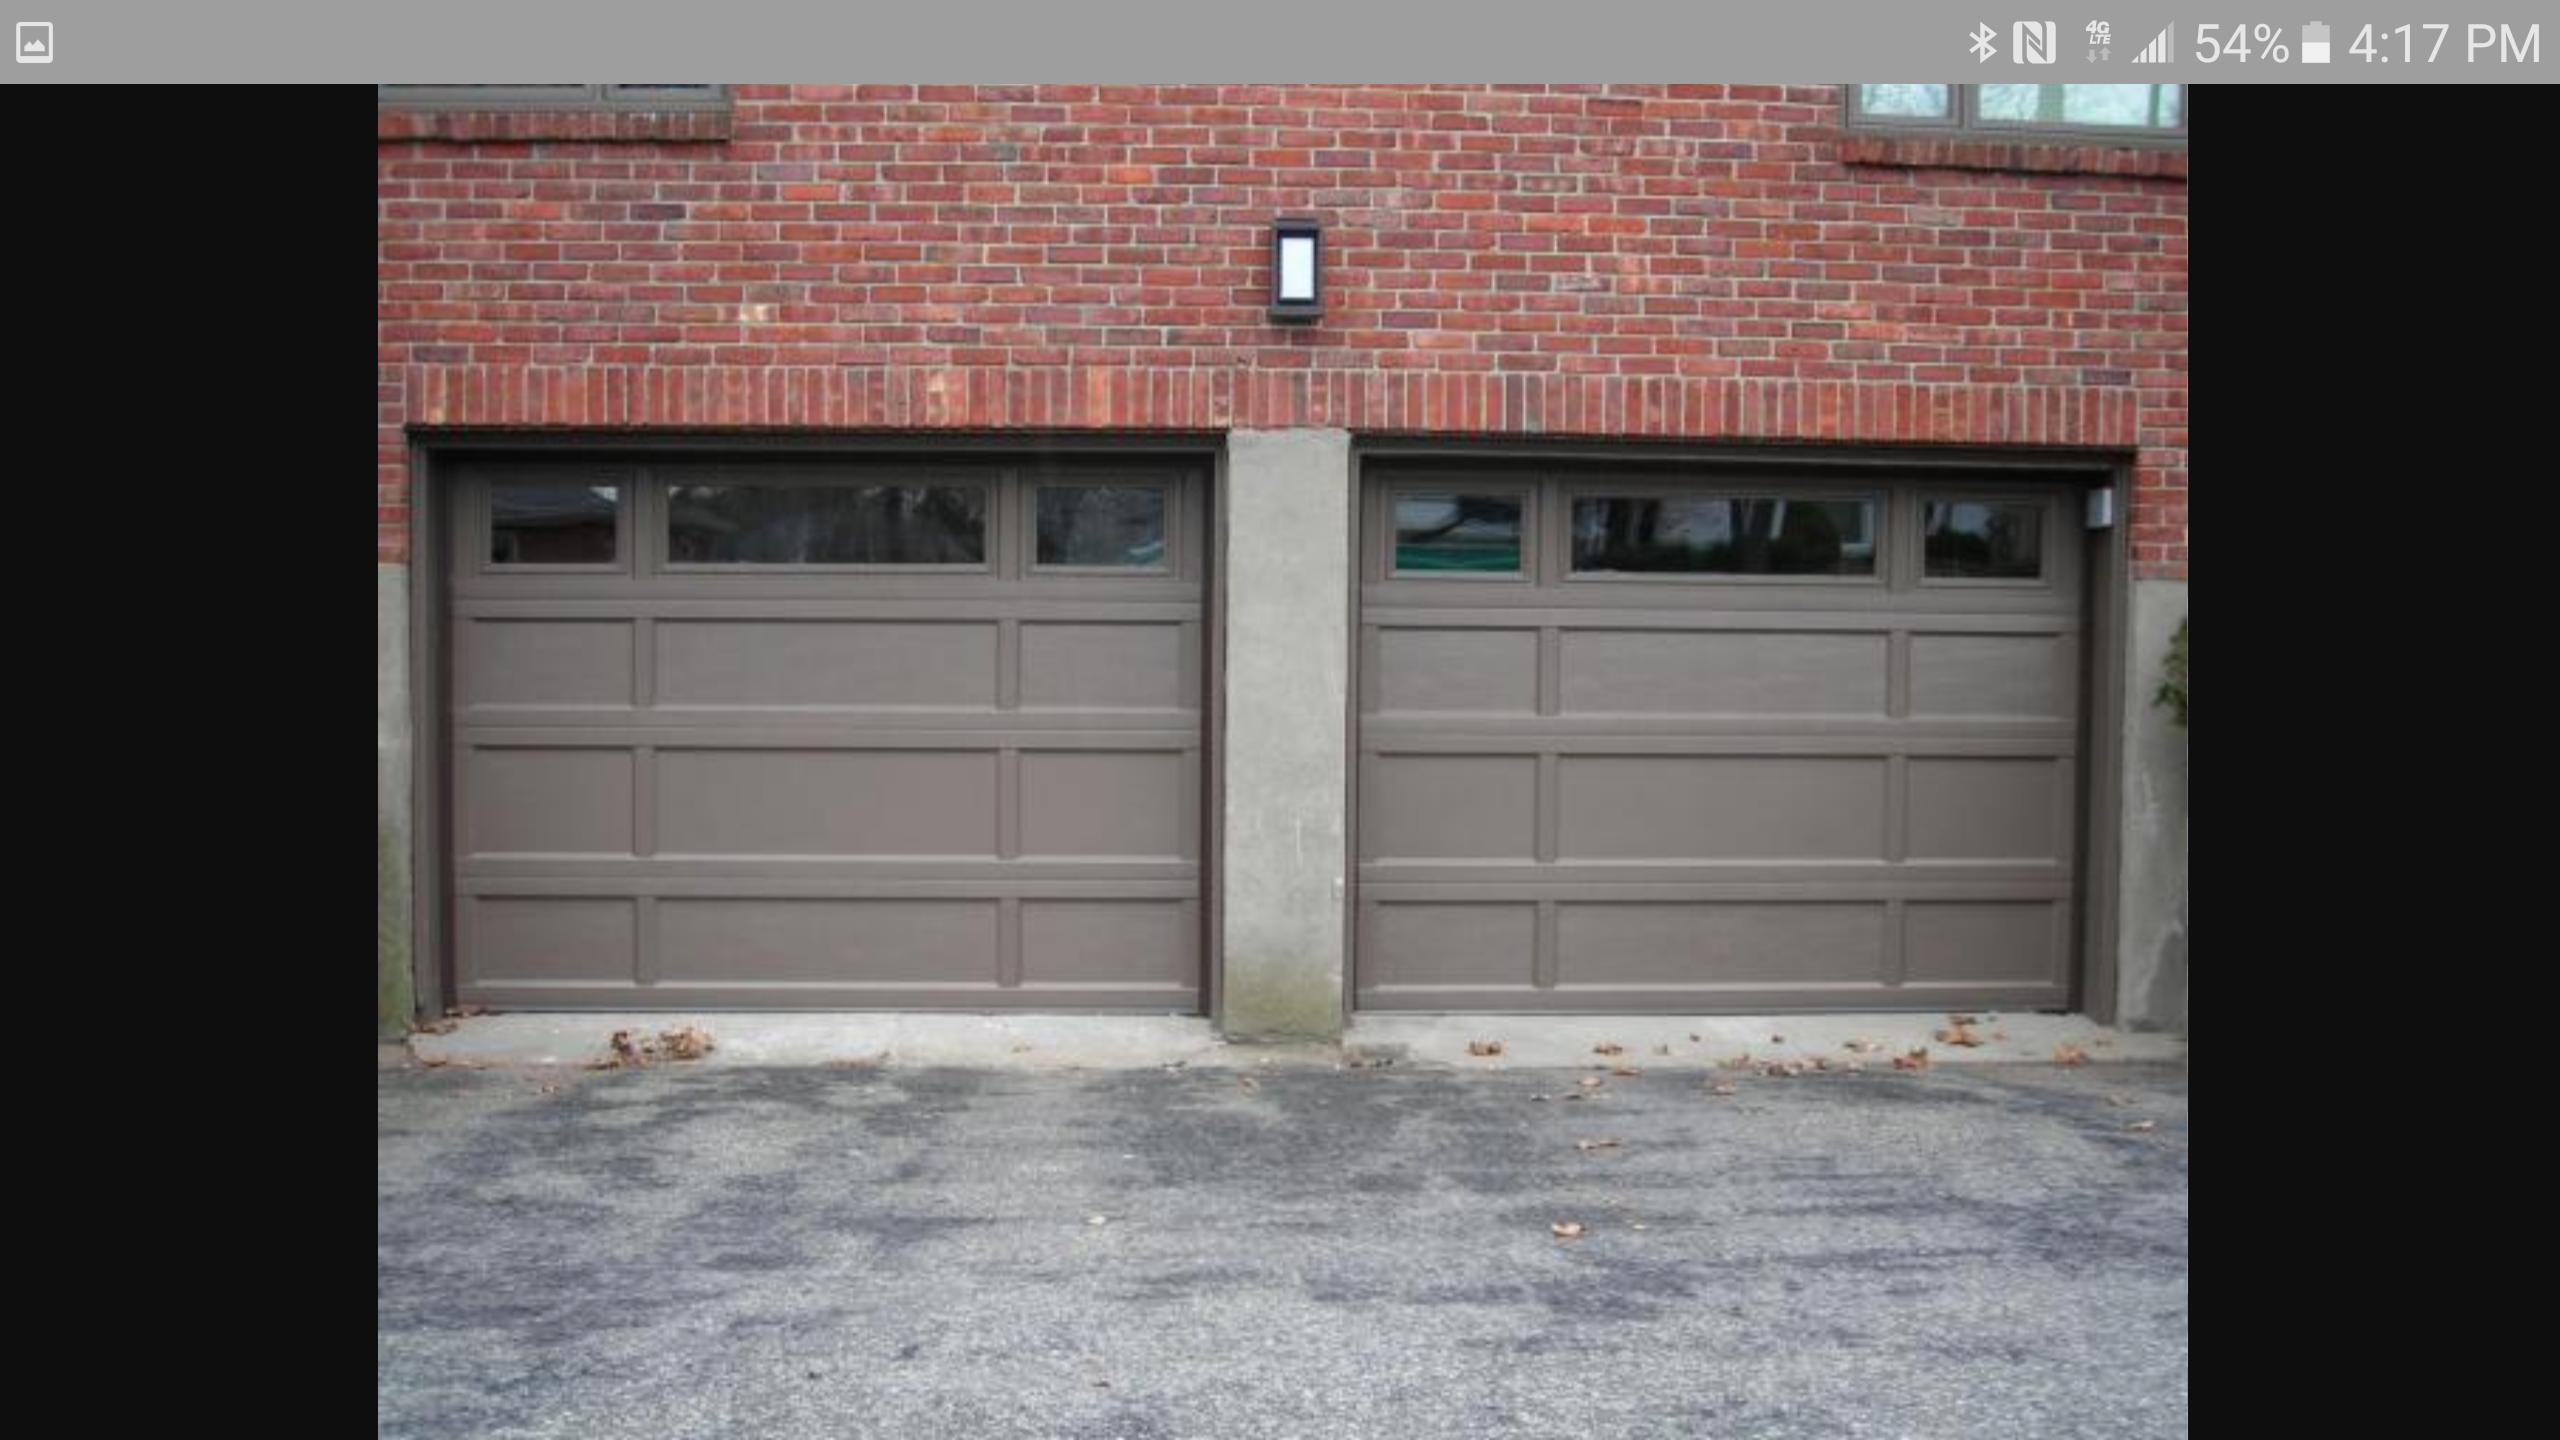 1440 #825149 Complete Garage Door Services Fremont California Garage Door And  wallpaper Complete Garage Doors 36252560